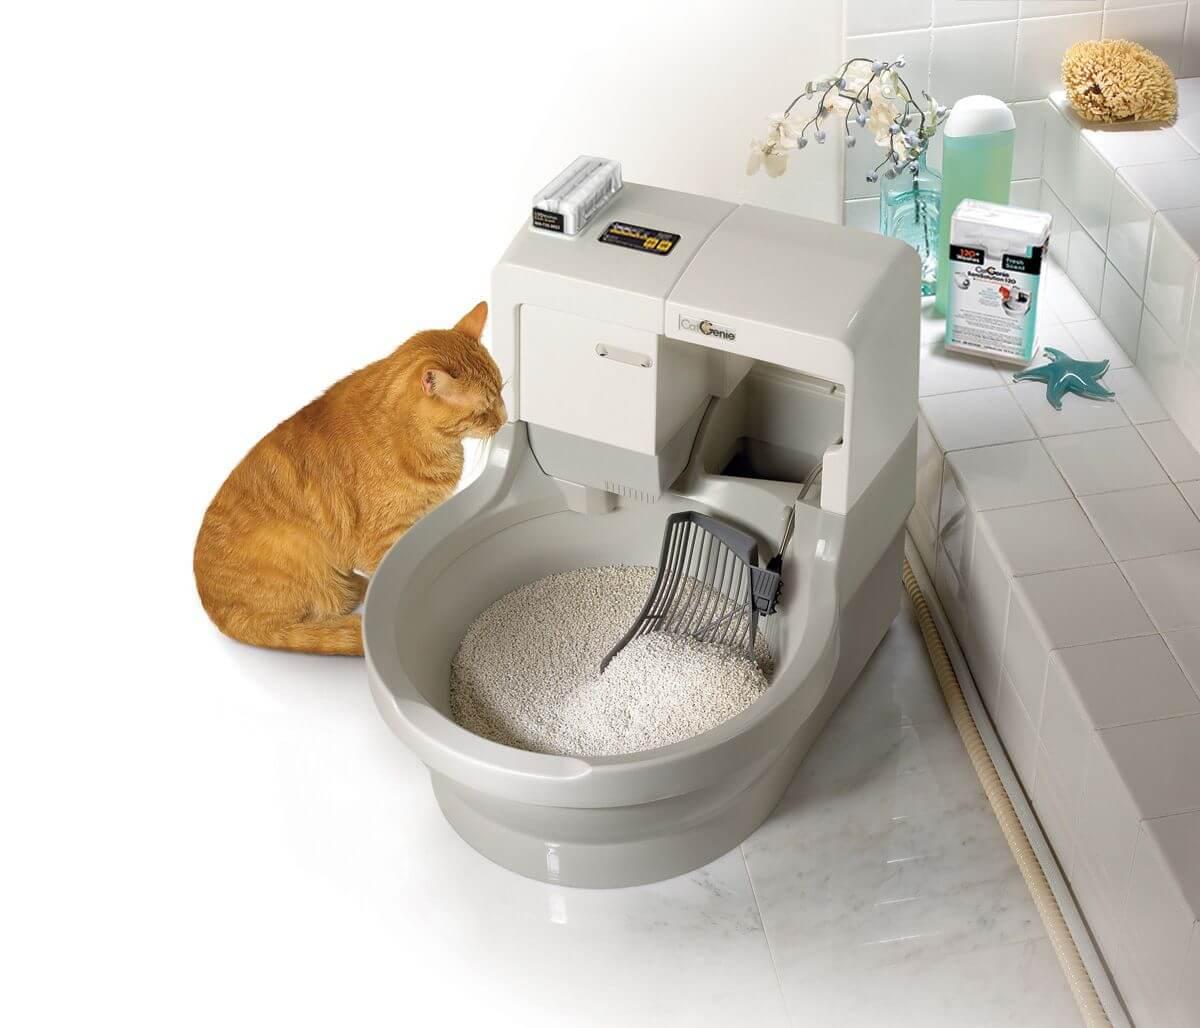 Туалеты-домики для кошек: как выбрать закрытый горшок для кота? особенности углового кошачьего лотка, отзывы владельцев